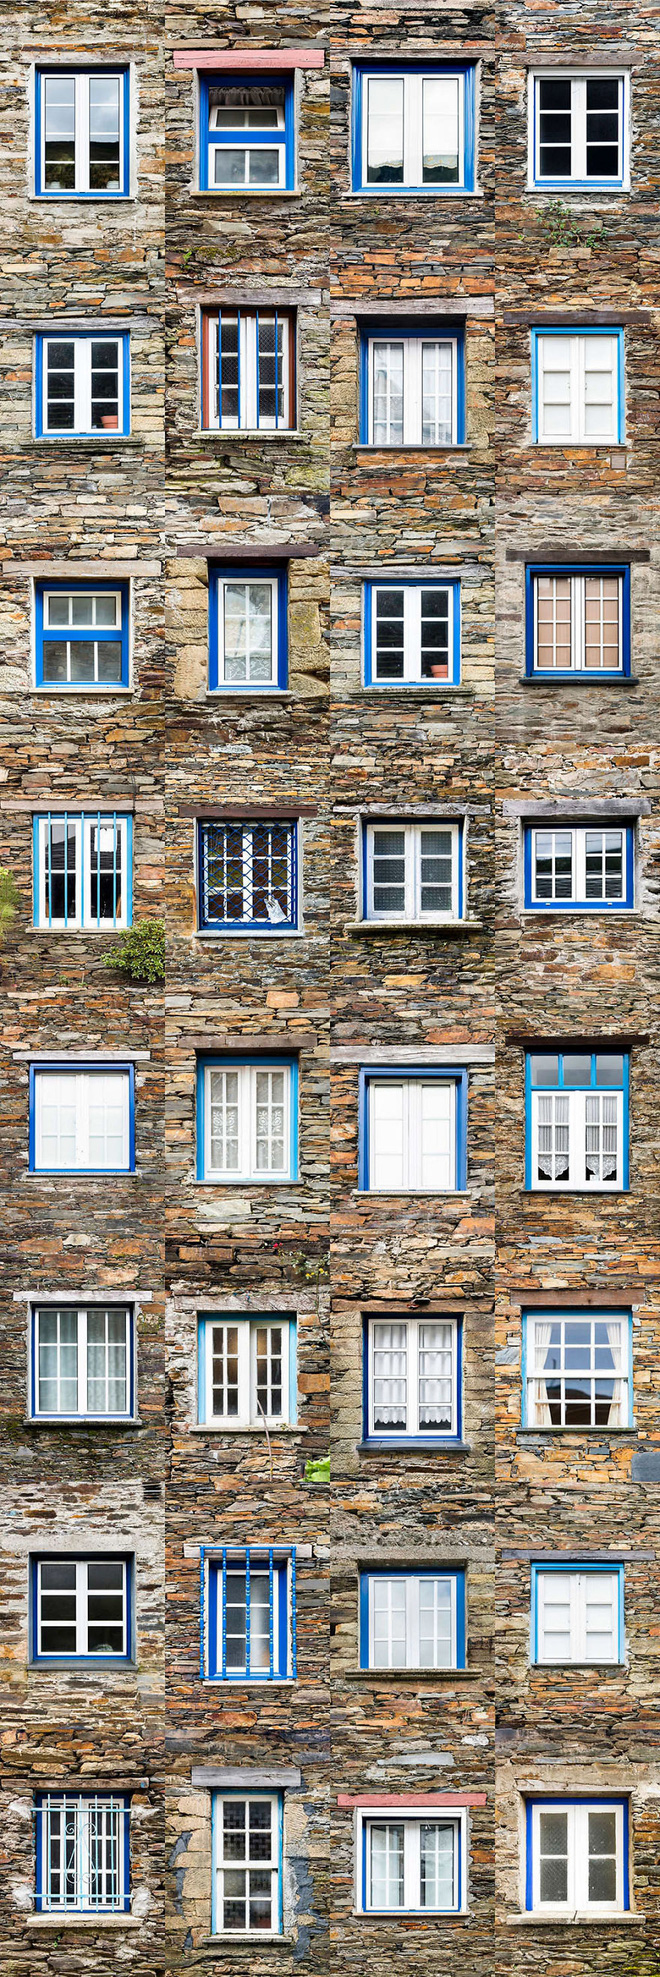 Mãn nhãn với 14 phong cách thiết kế cửa sổ ấn tượng ở Bồ Đào Nha - Ảnh 10.